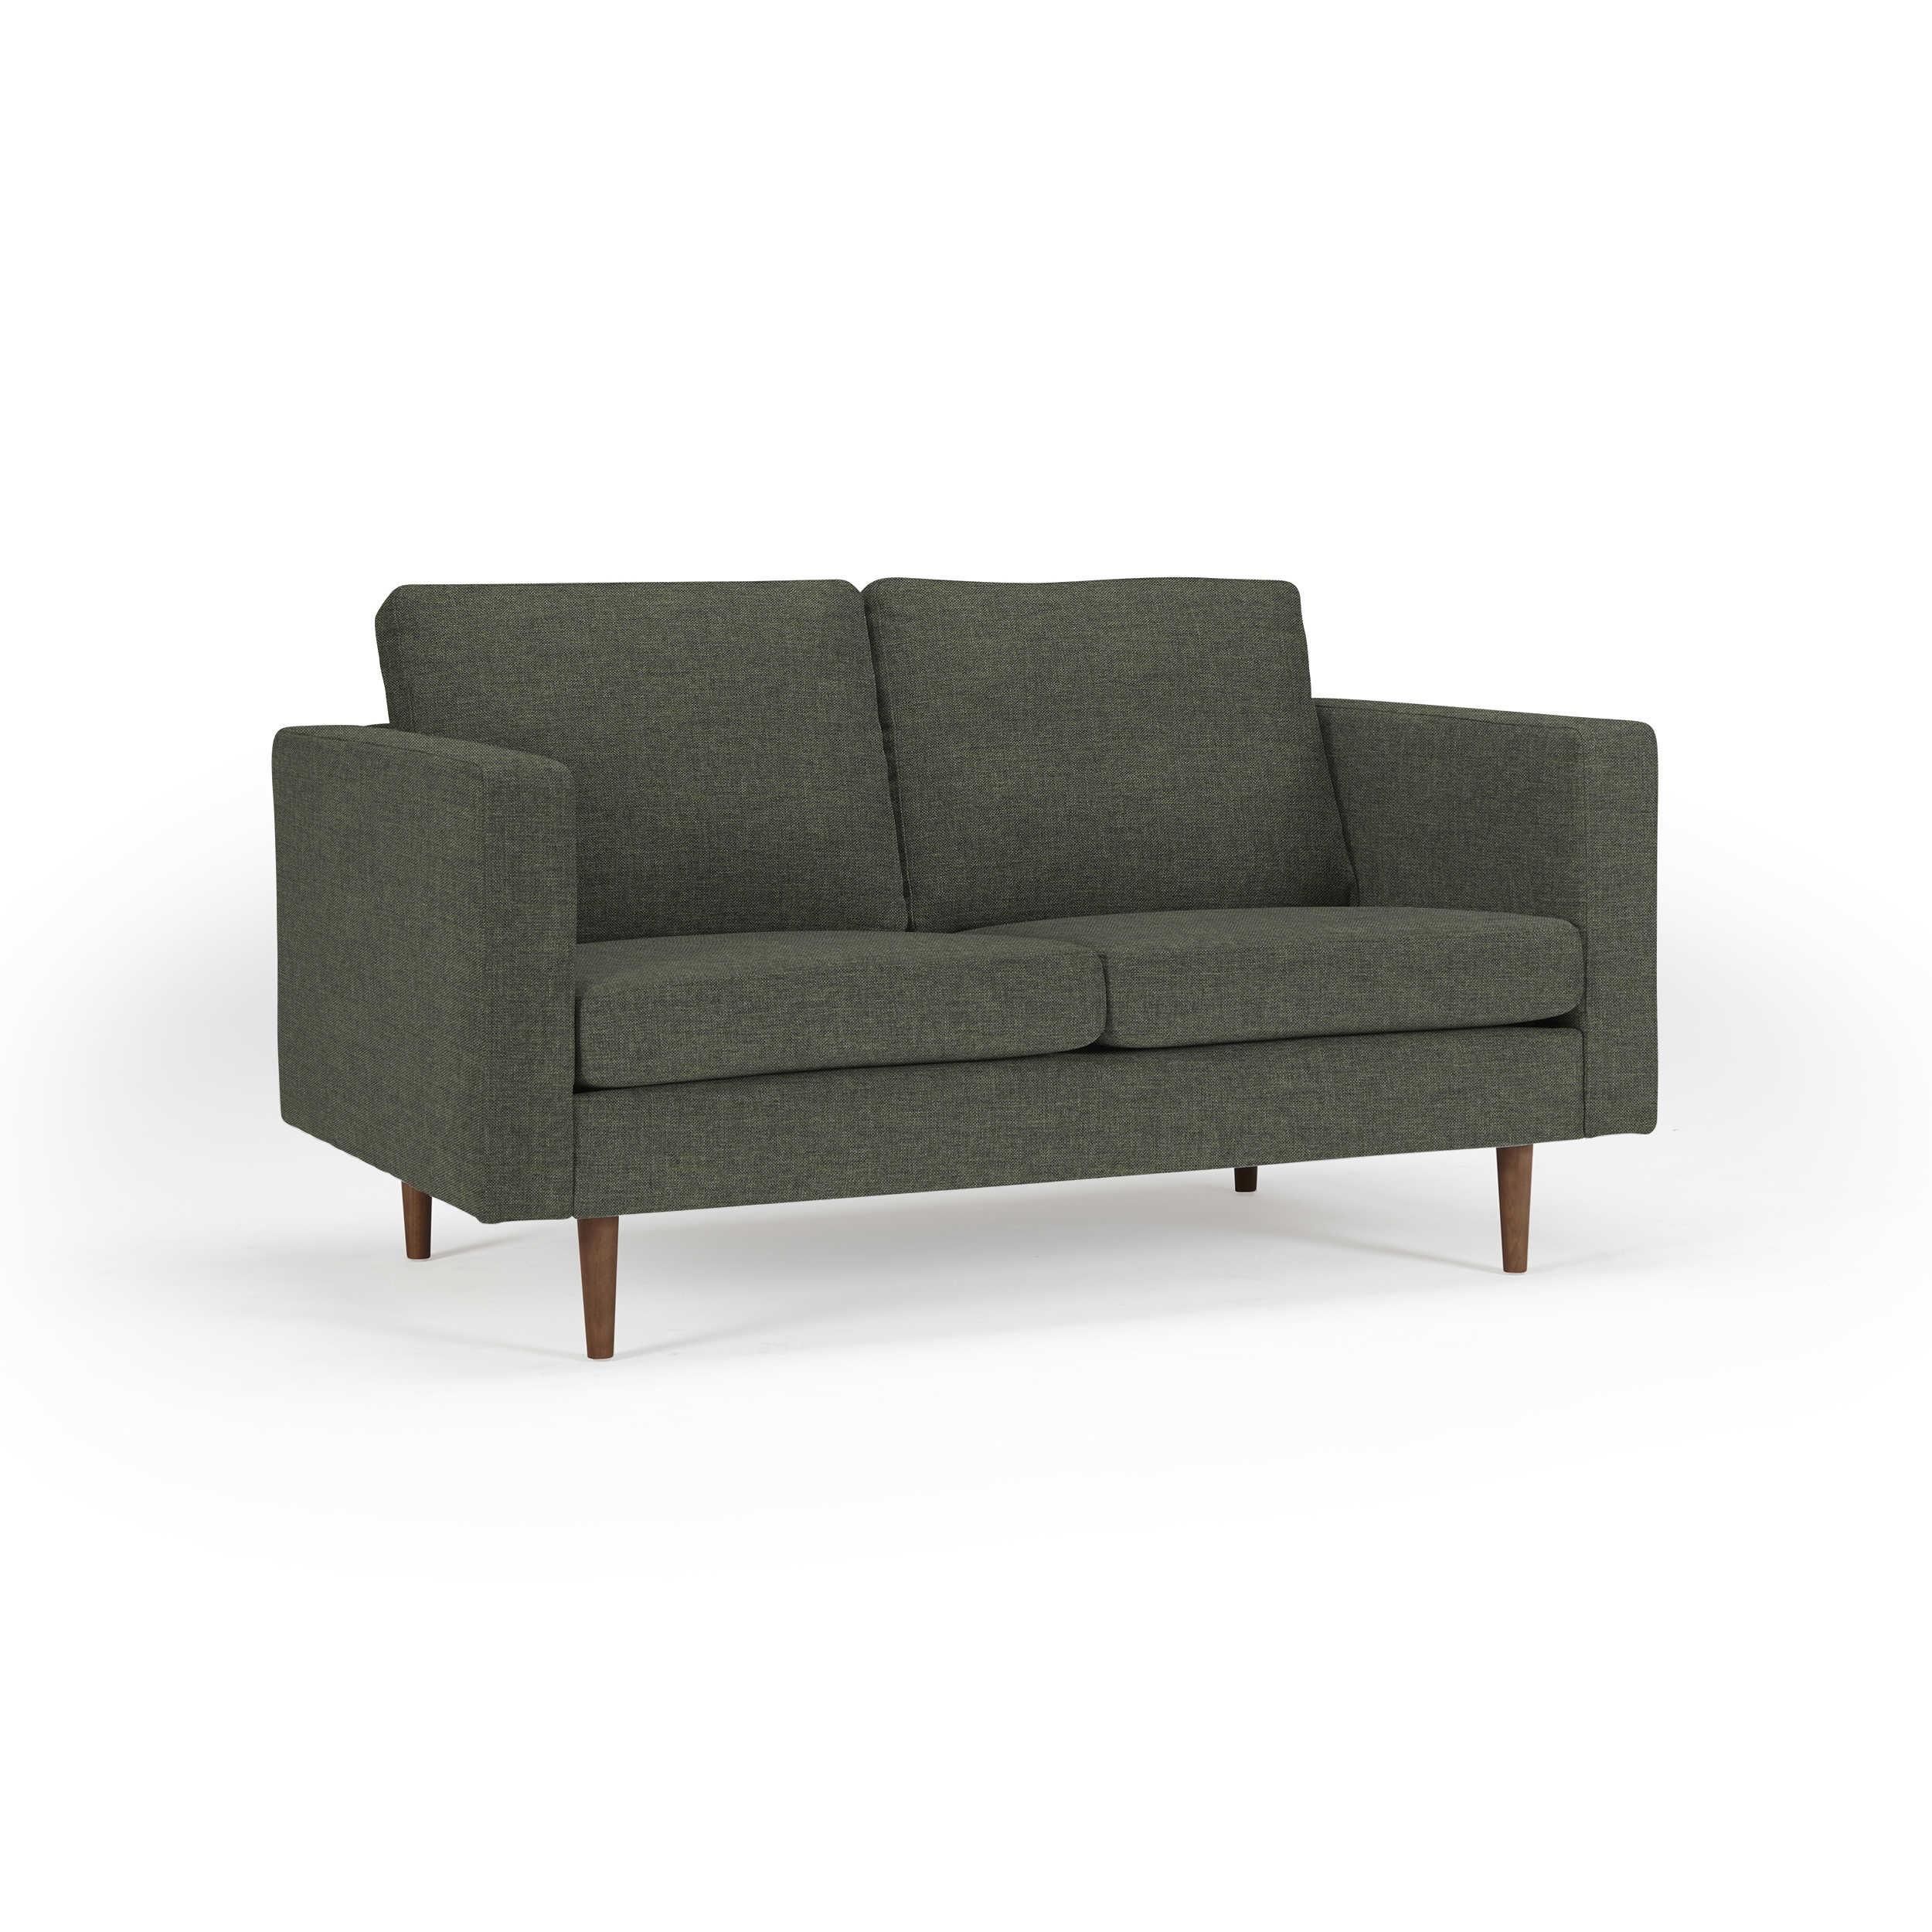 kragelund sofa k370 otto gr n stoff online kaufen bei woonio. Black Bedroom Furniture Sets. Home Design Ideas